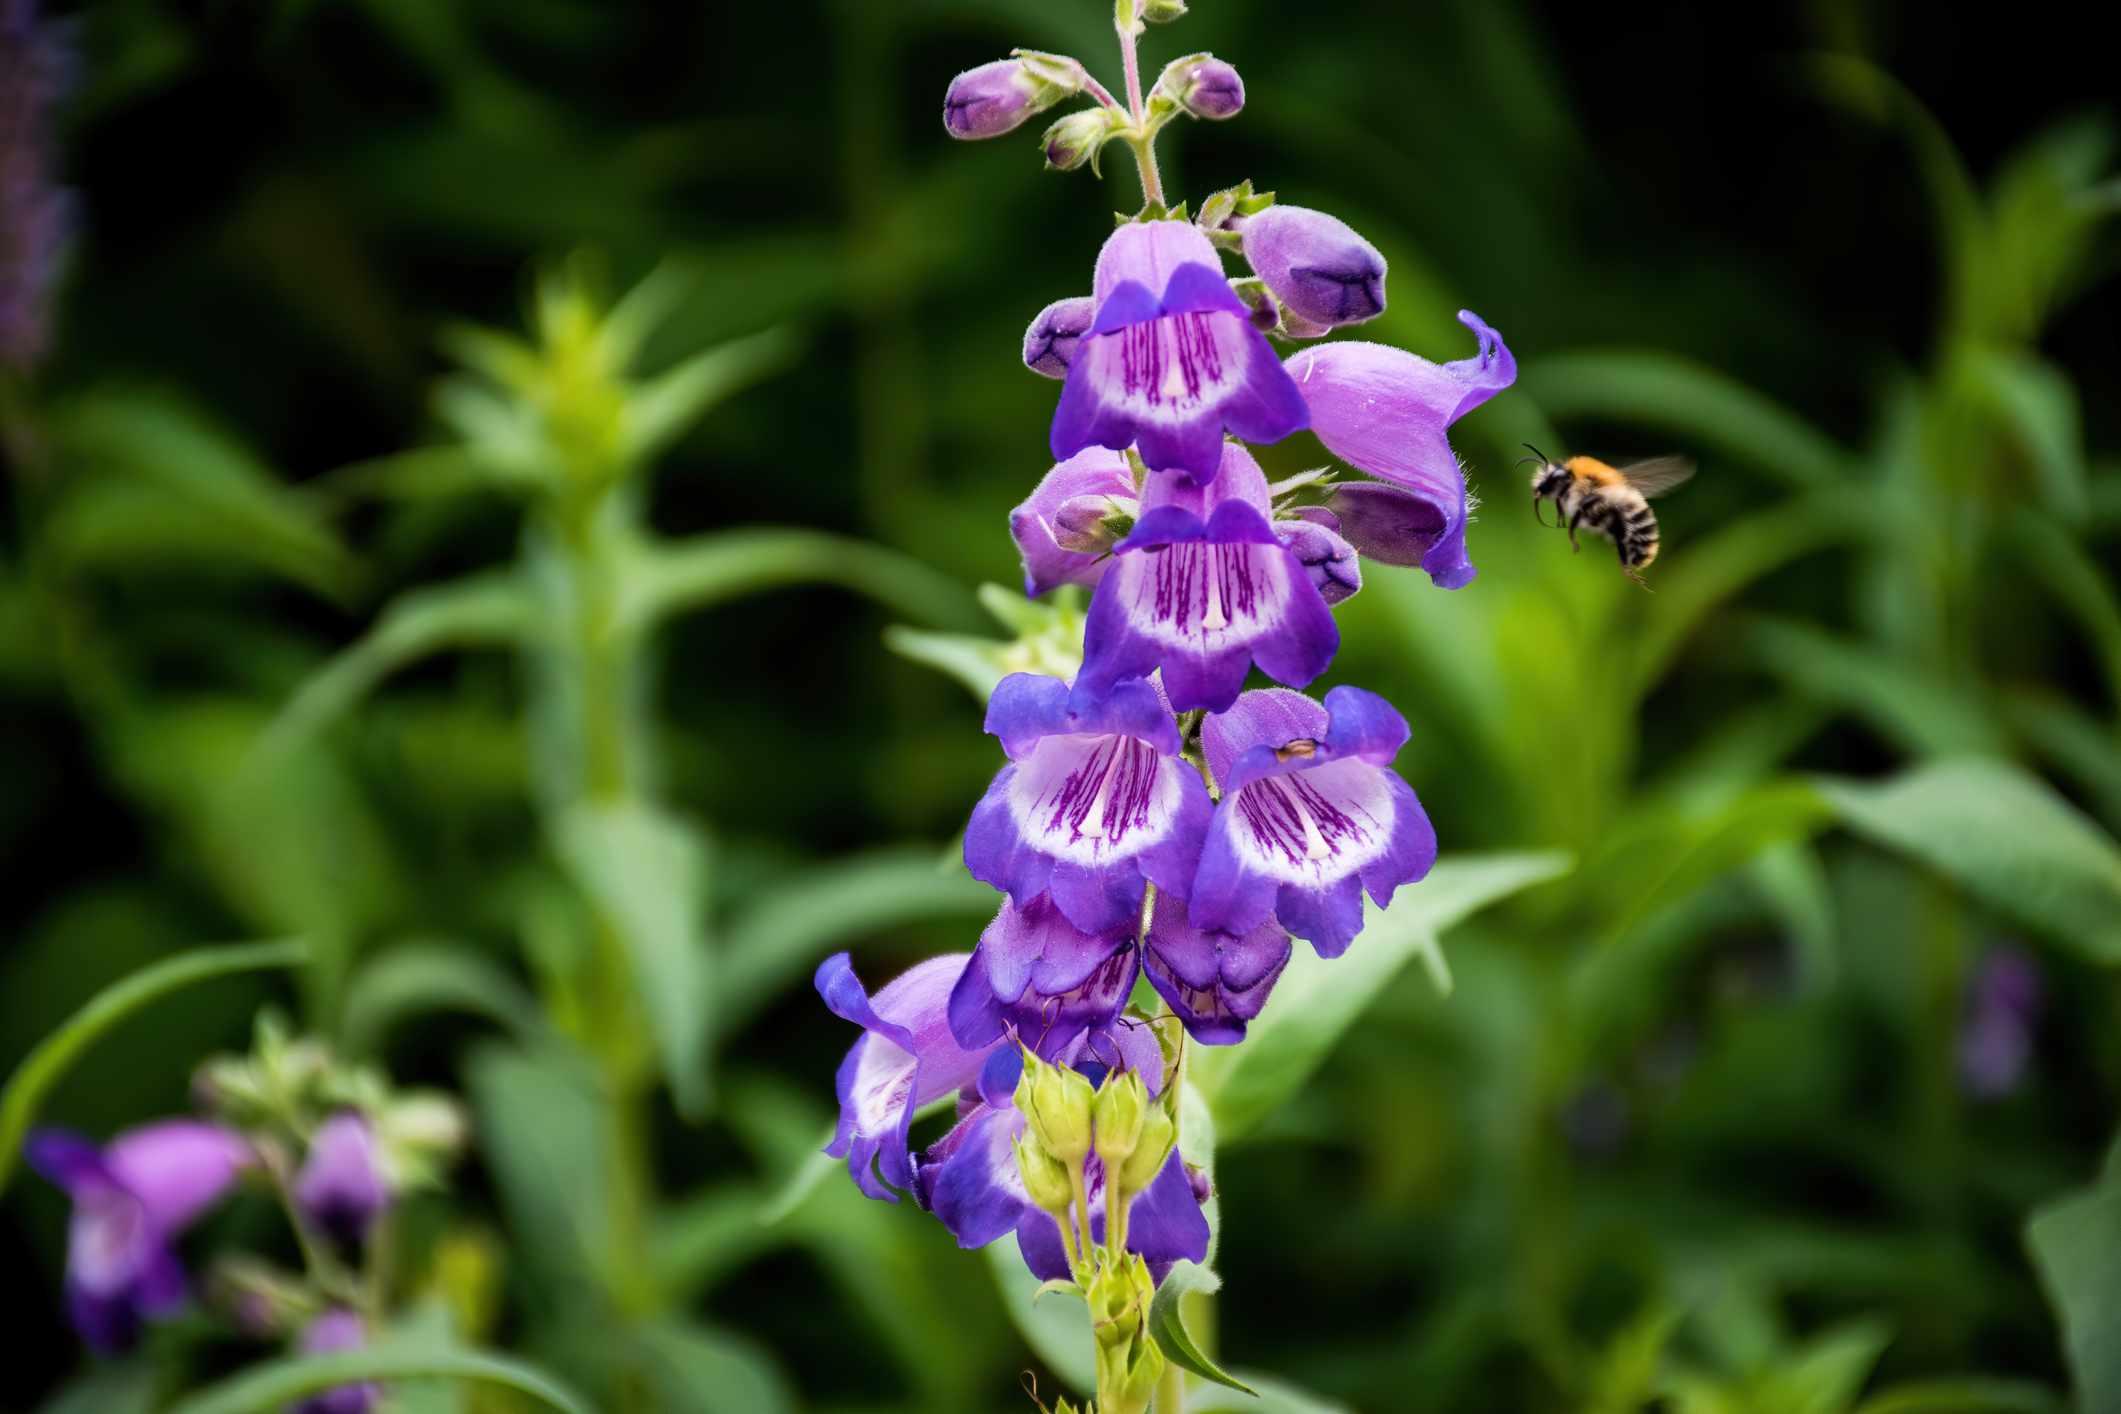 Primer plano de una lengua de barba púrpura - Penstemon - planta de flor polinizada por una abeja